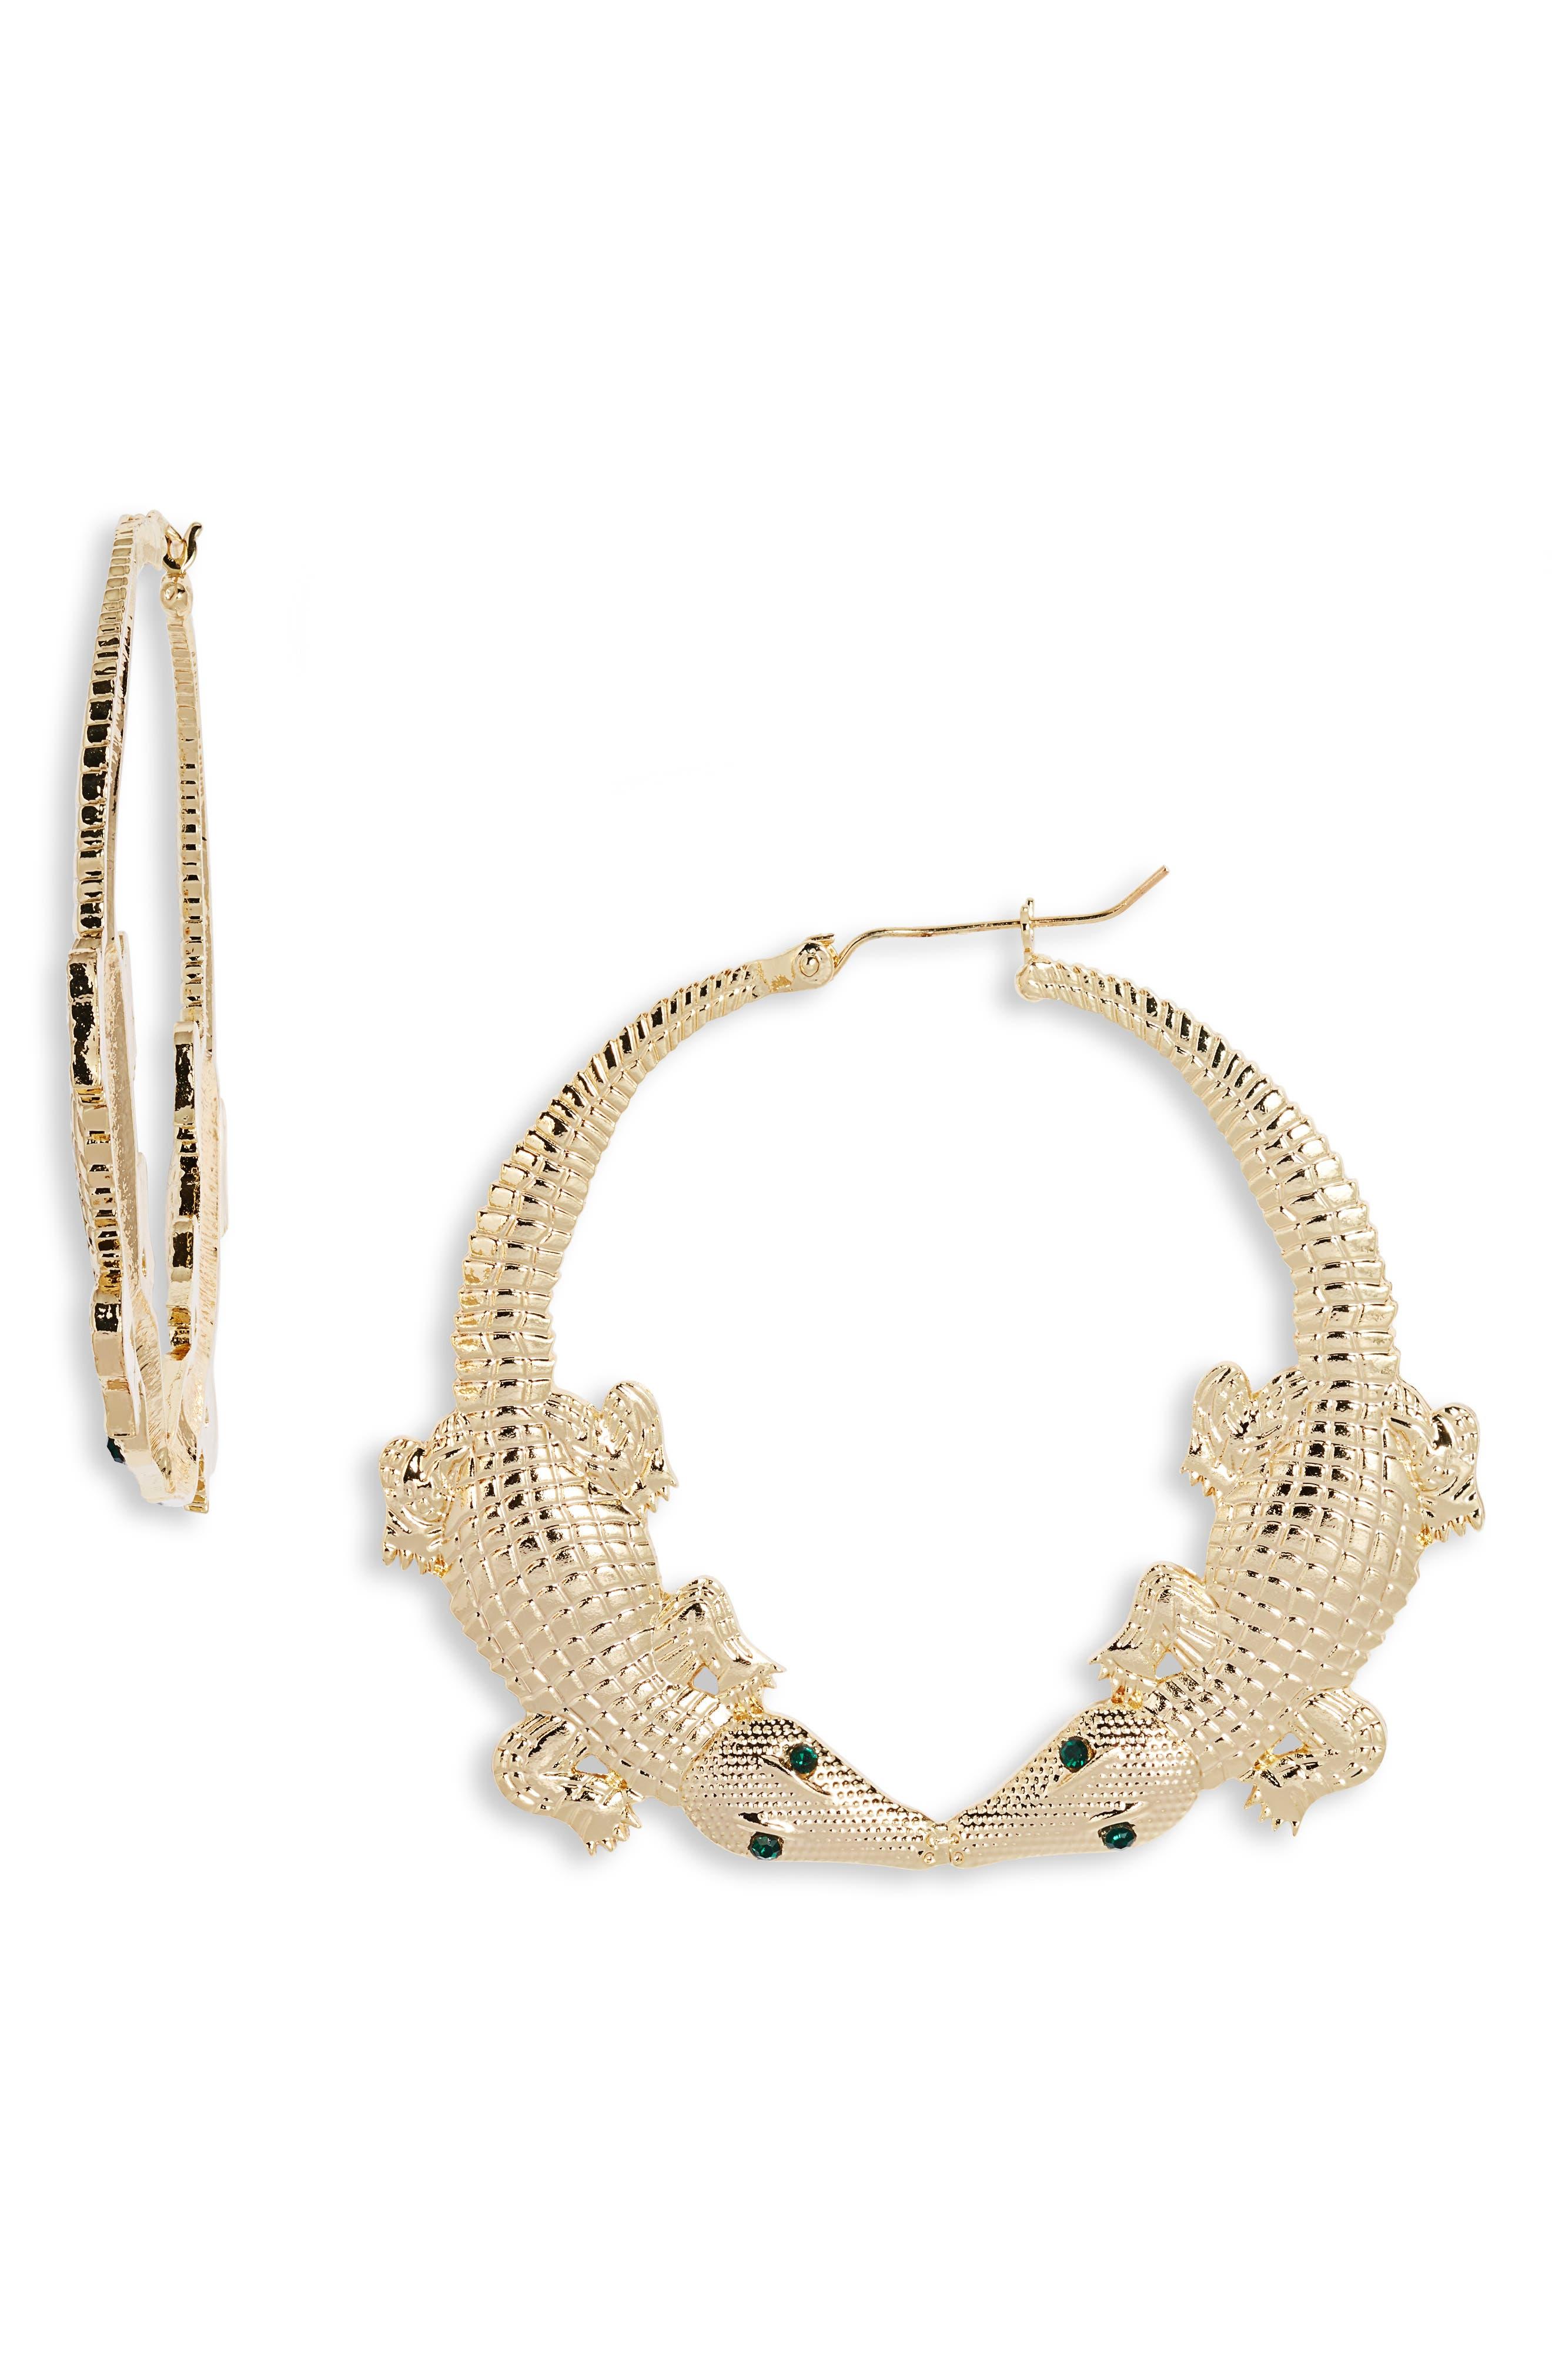 Gator Hoop Earrings